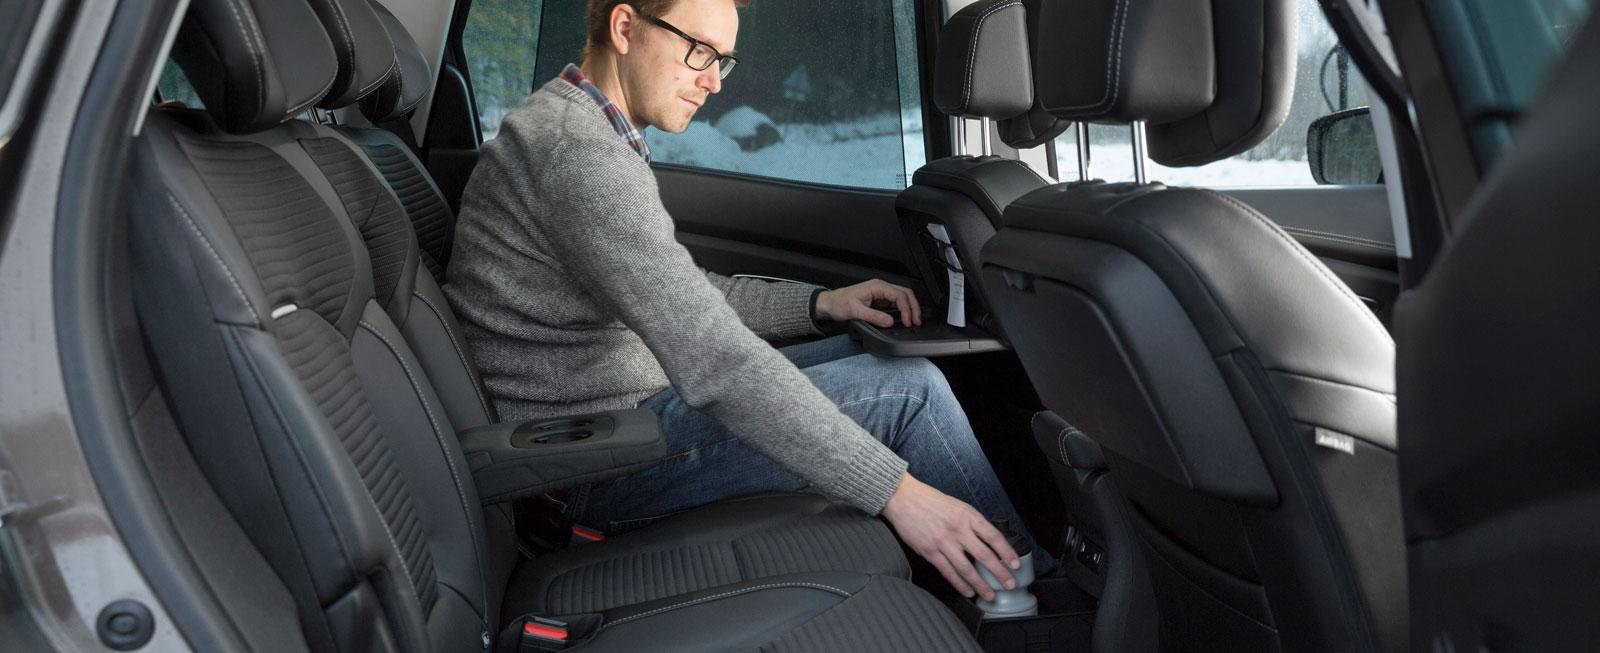 """Scenic har inte tre separata stolar, utan 60/40-delning på baksätet, vilket försämrar flexibiliteten. Renault har bäst insteg och utrymme på tredje stolsraden. Klaffbord och praktisk """"byrålåda"""" på mittkonsolens baksida uppskattas."""